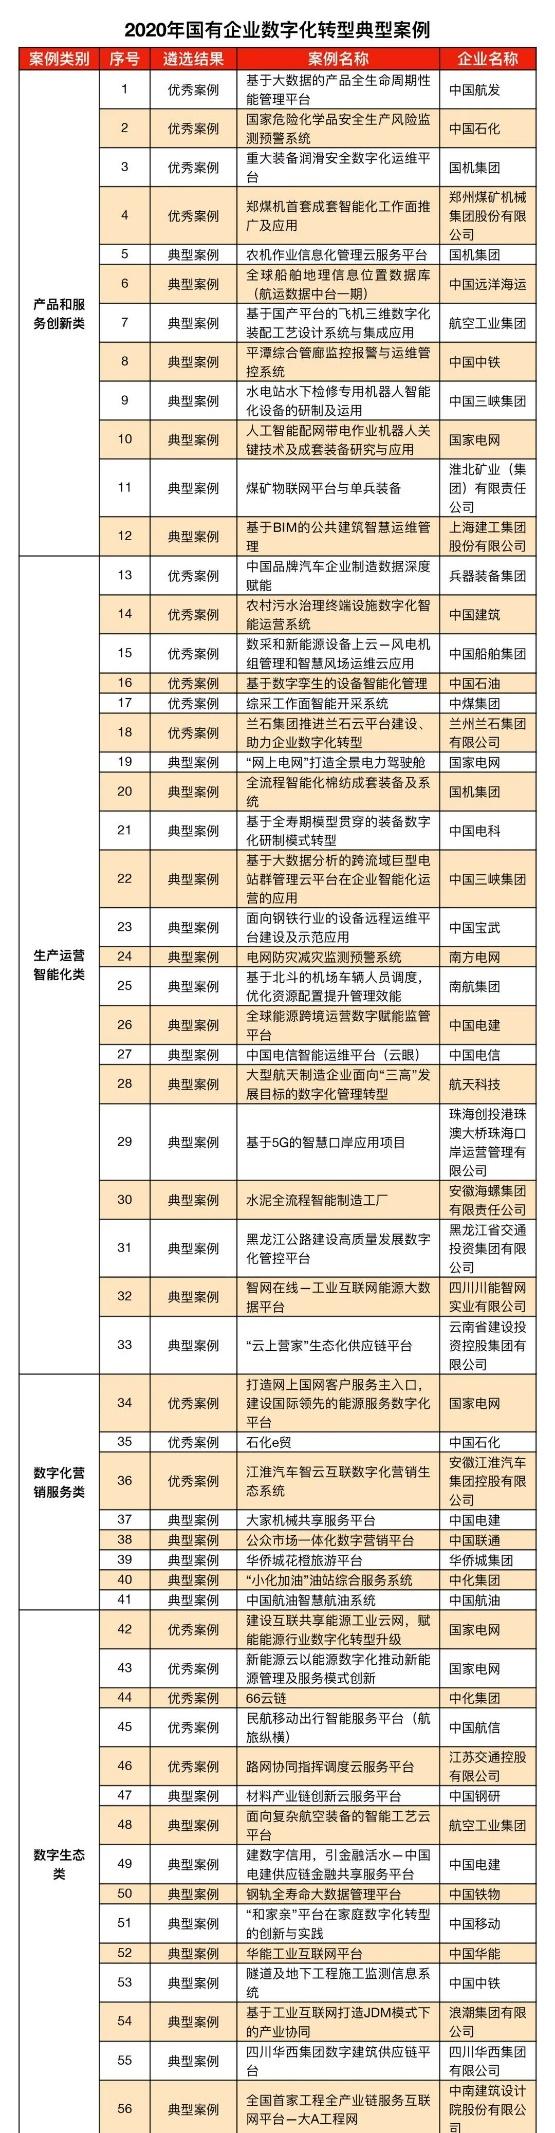 国资委图一.png